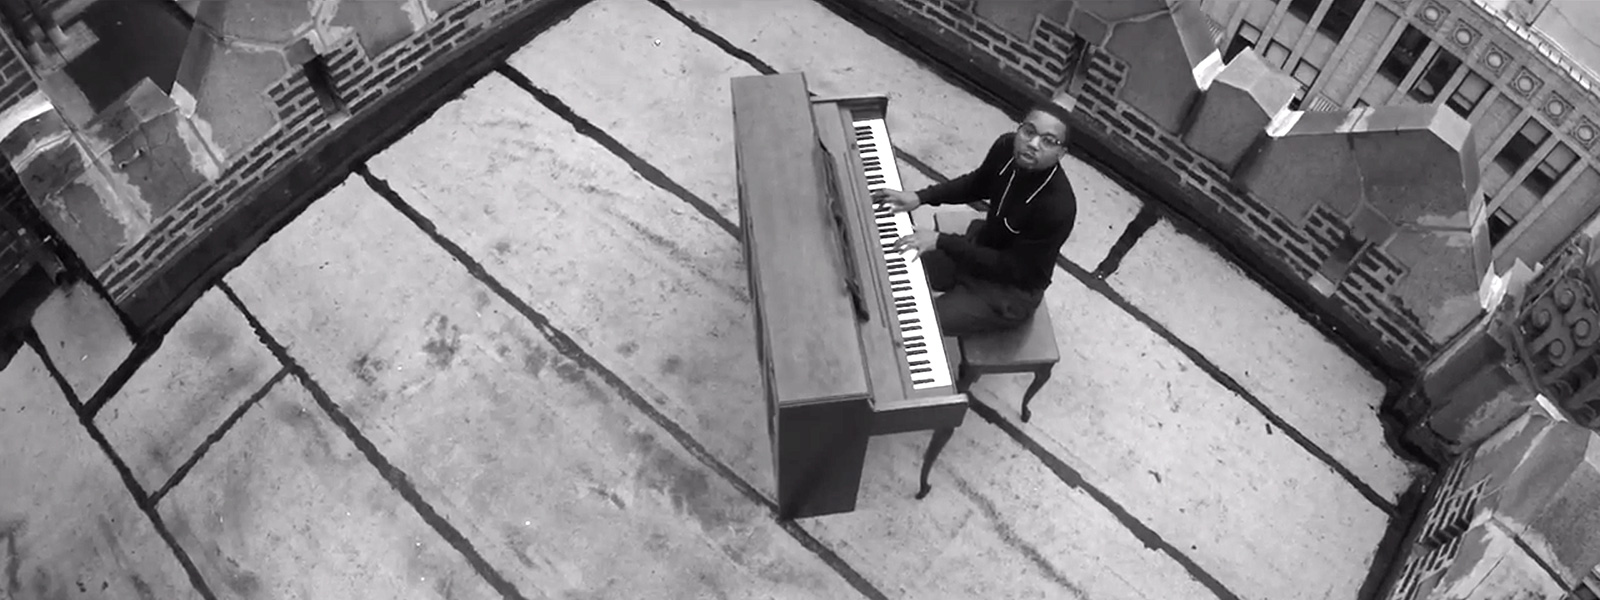 Charles Hamilton – New York Raining ft. Rita Ora